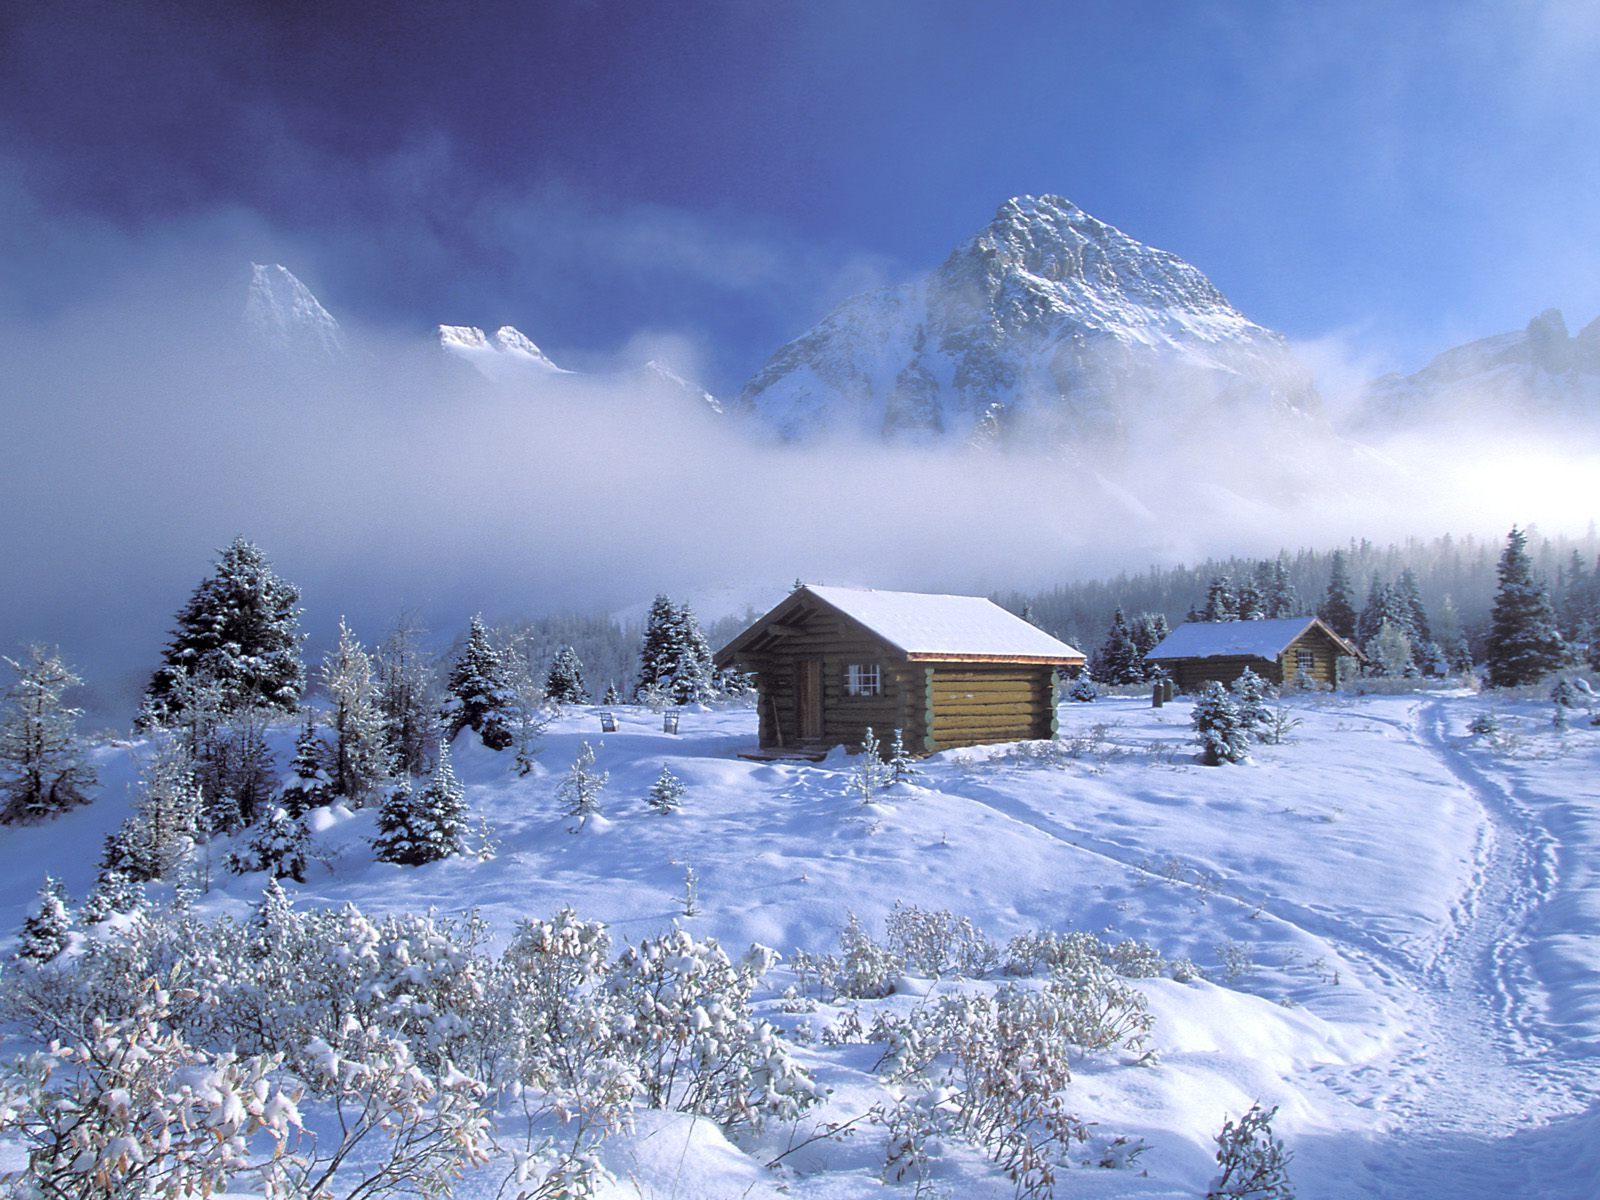 Best Desktop HD Wallpaper - Snow Desktop Wallpapers